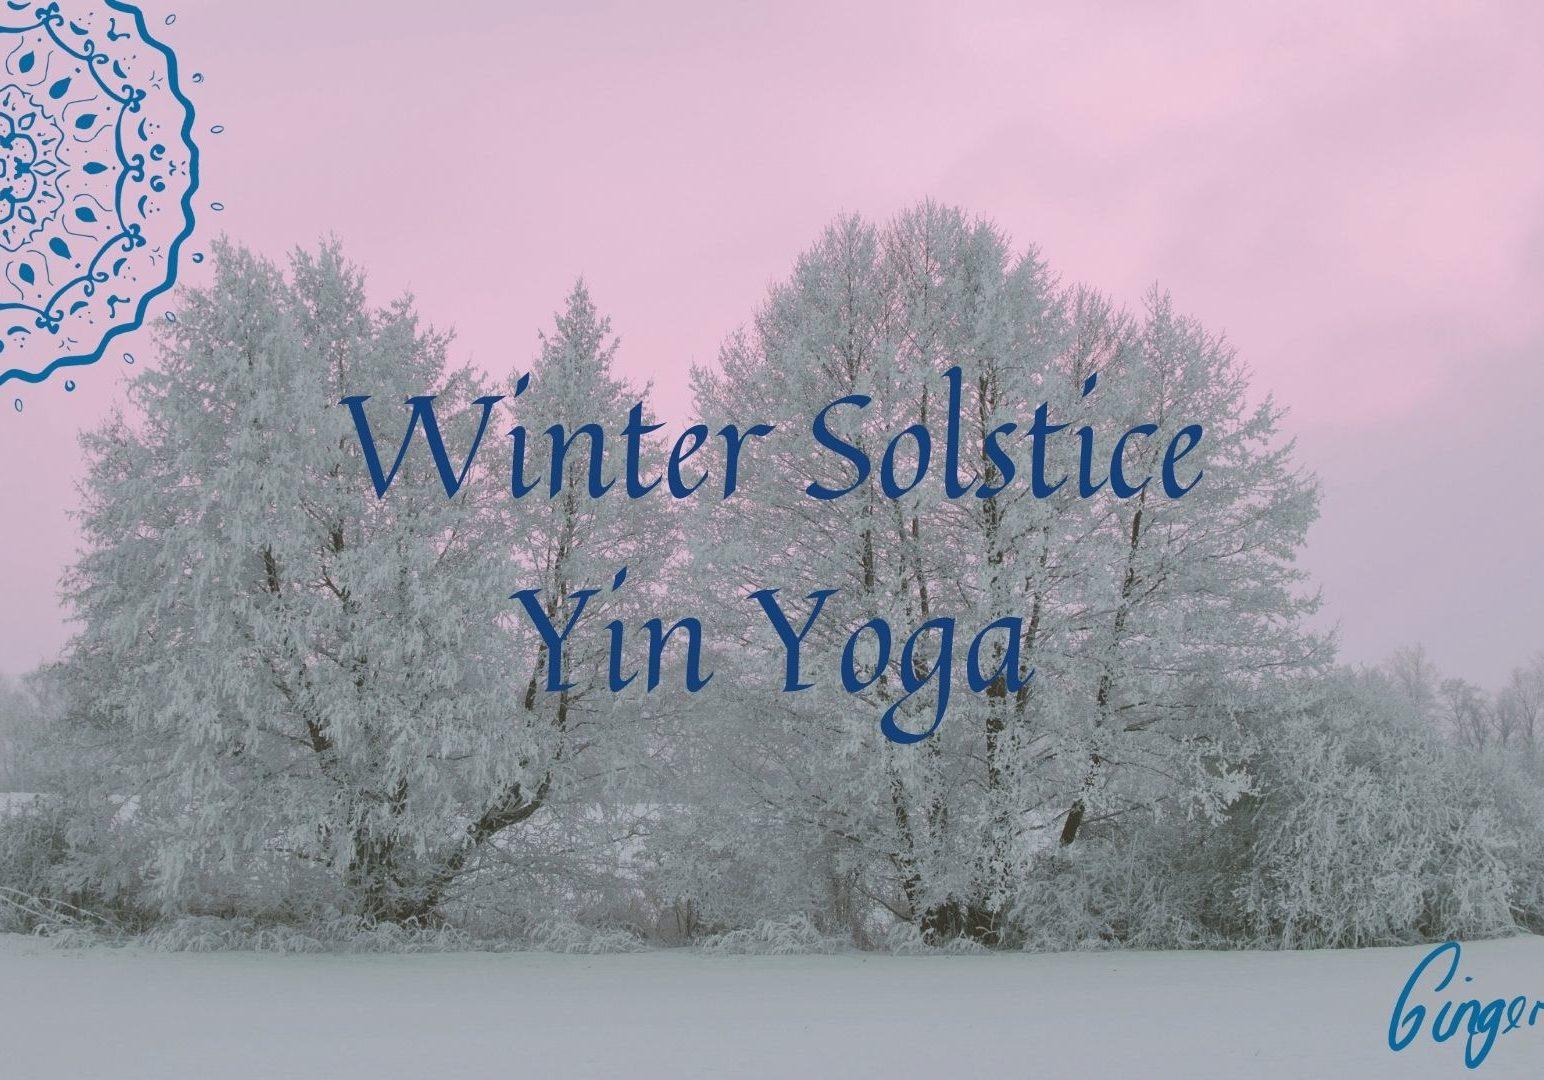 Winter-Solstice-Yin-Yoga-Facebook.jpg